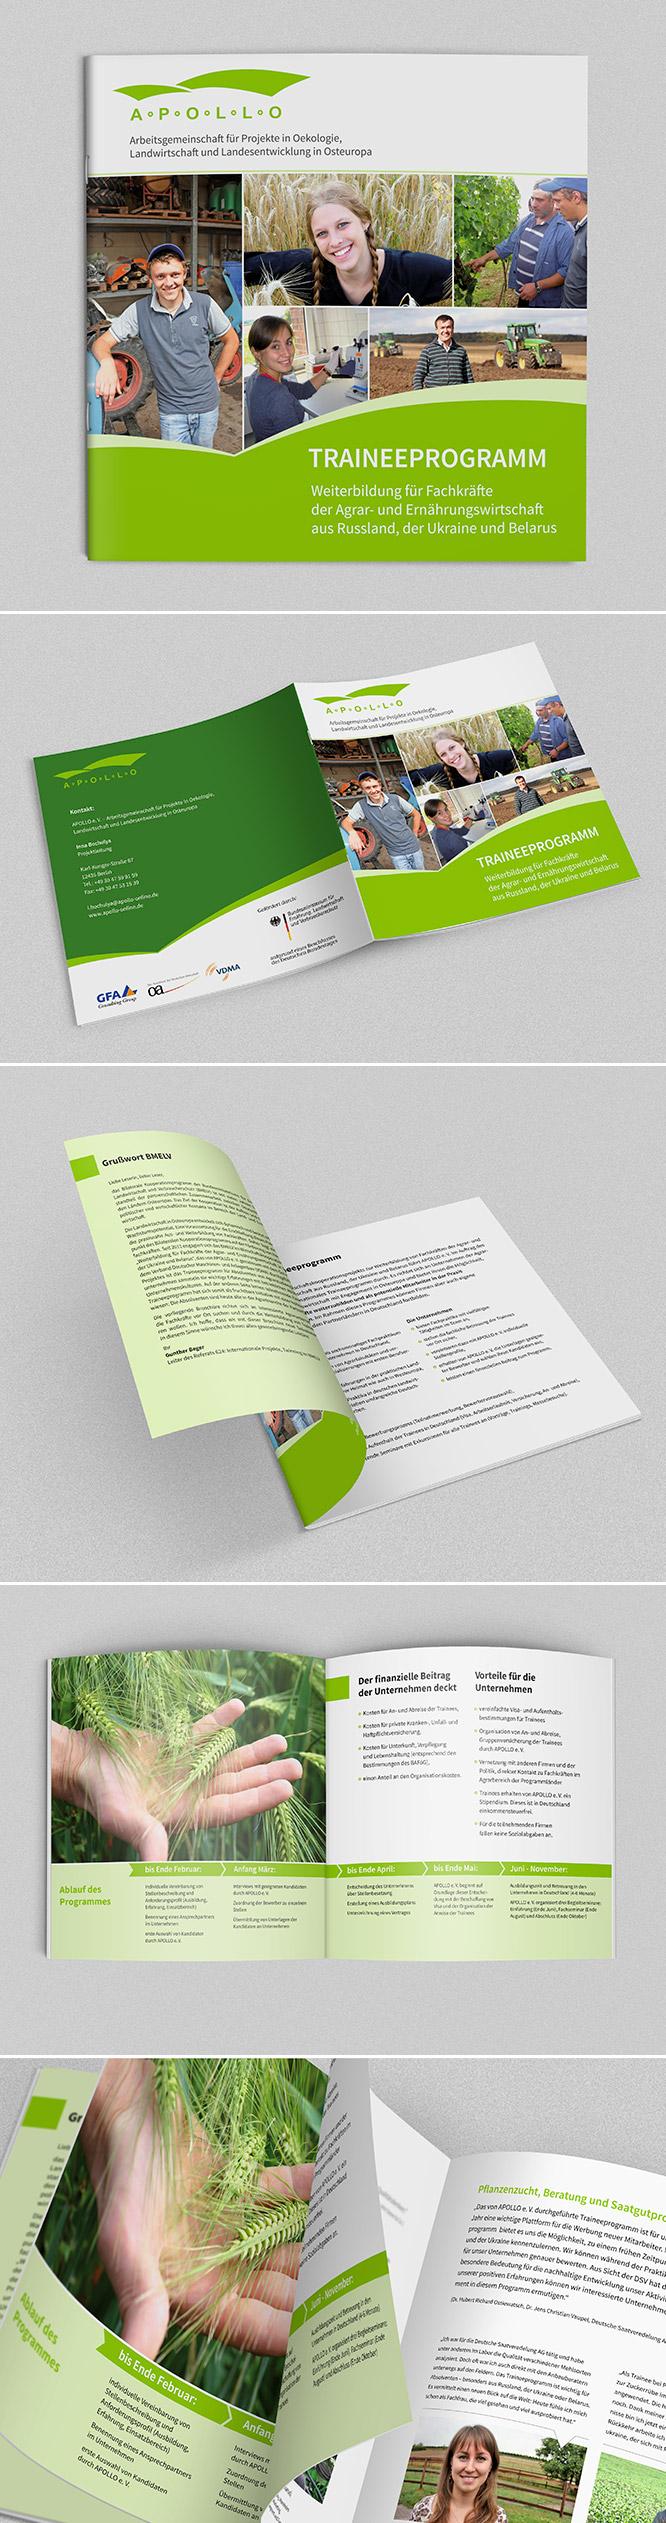 Grafikdesign Programm-Broschüre für Apollo Verein